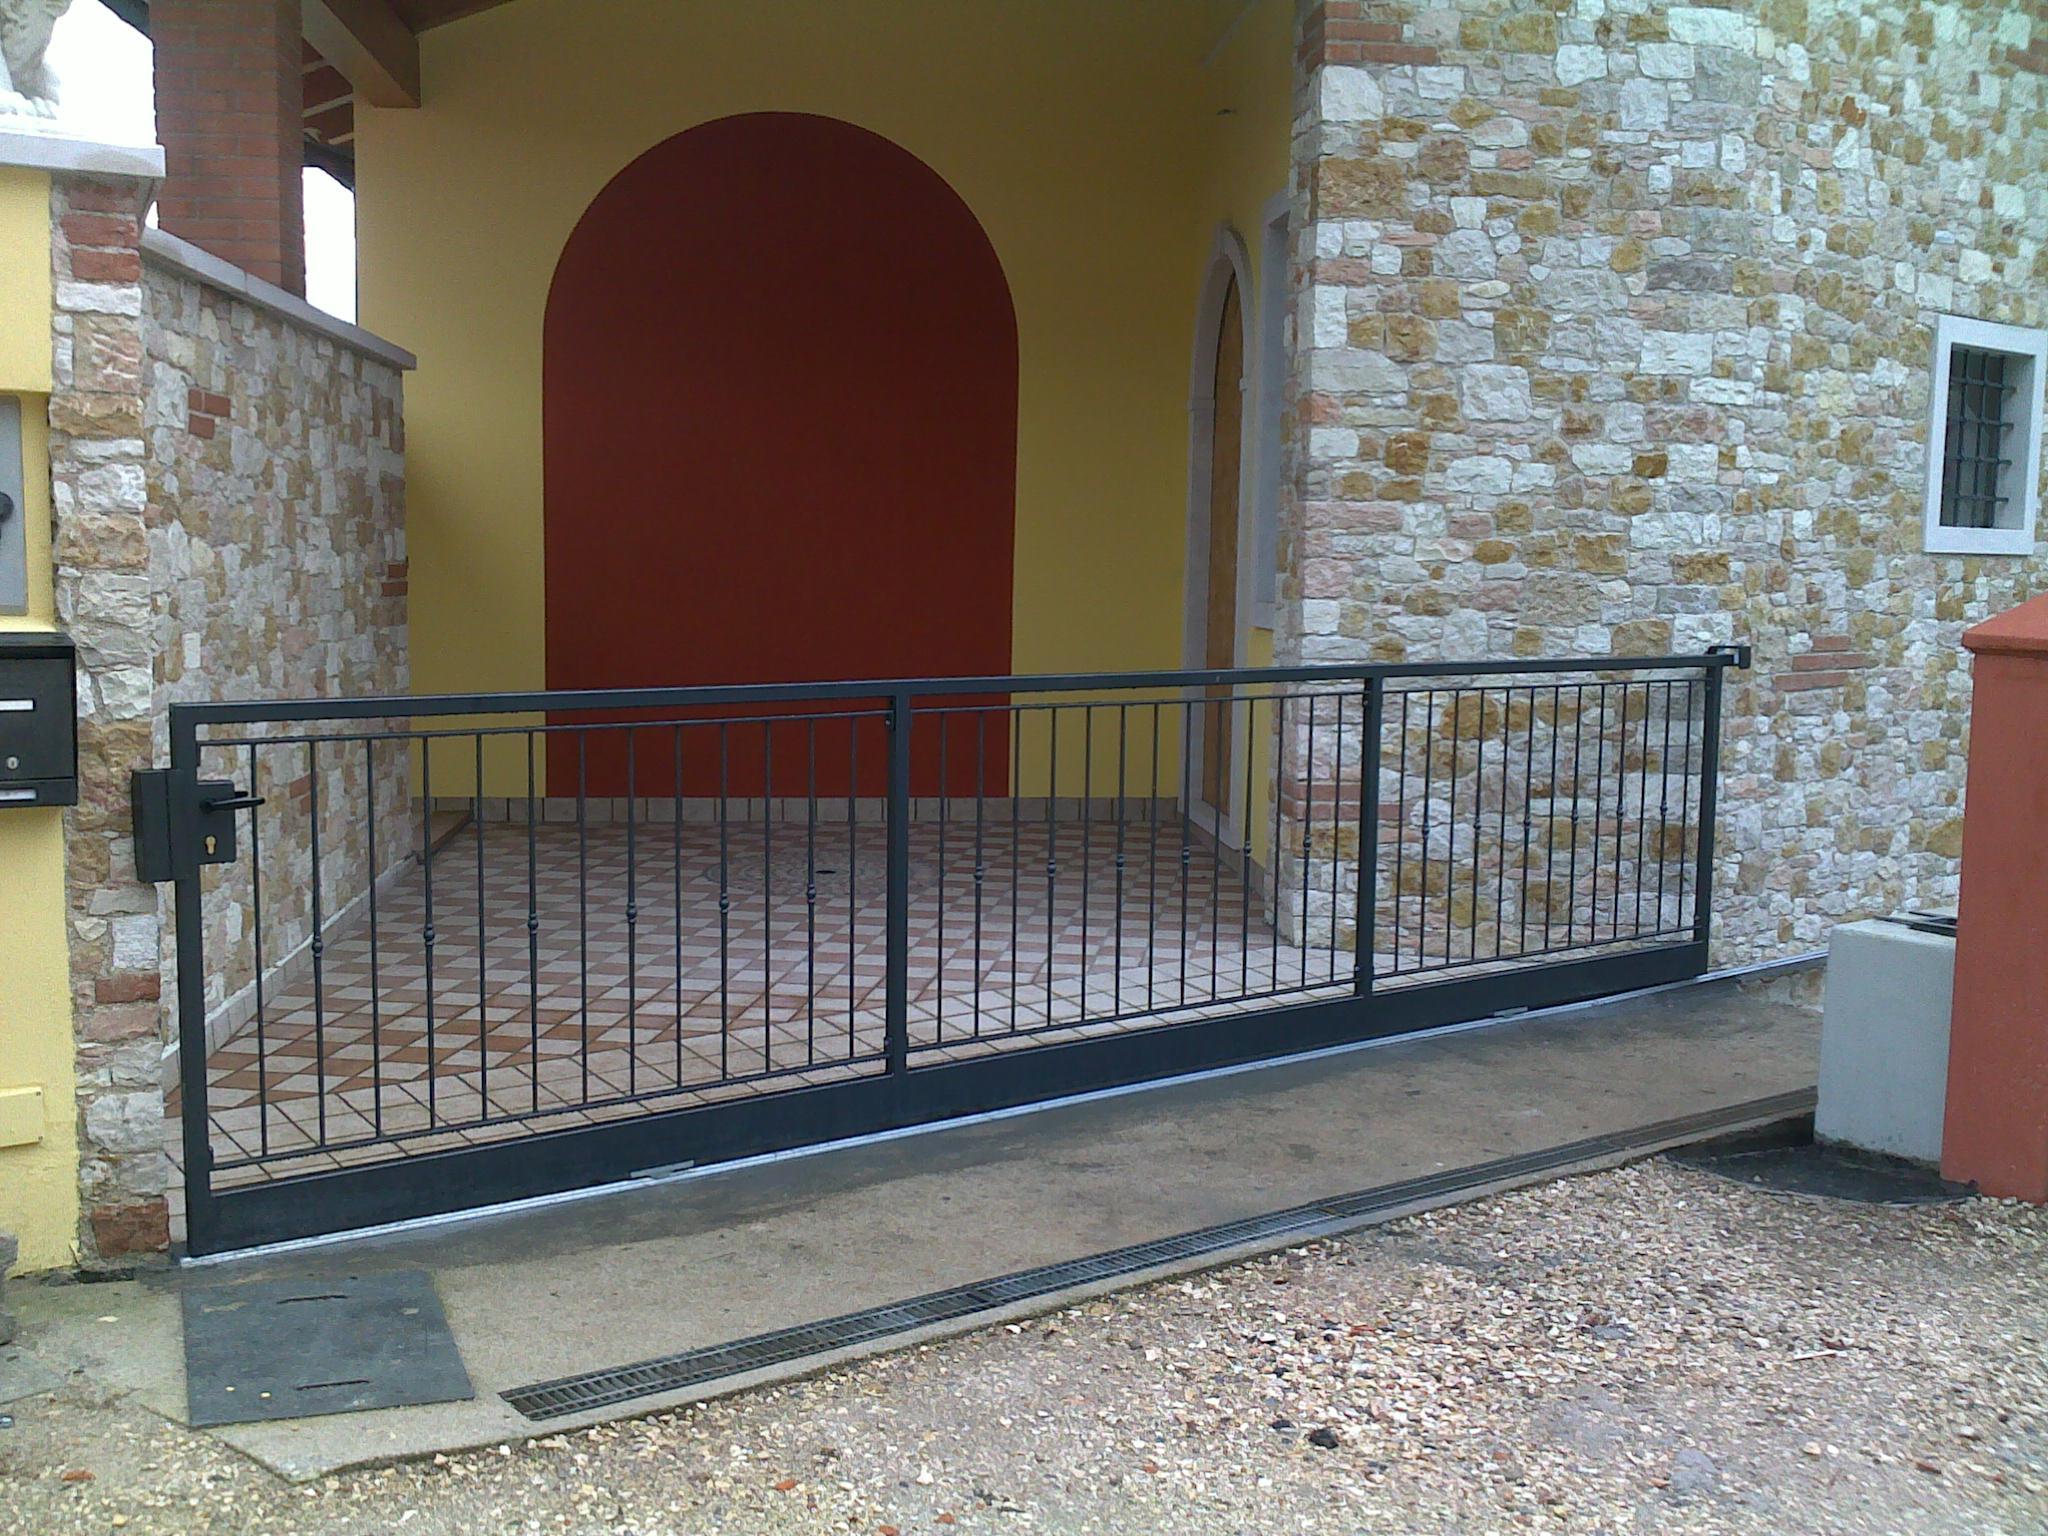 Foto di cancelli in ferro per recinzioni in pietra e marmo for Foto cancelli scorrevoli in ferro